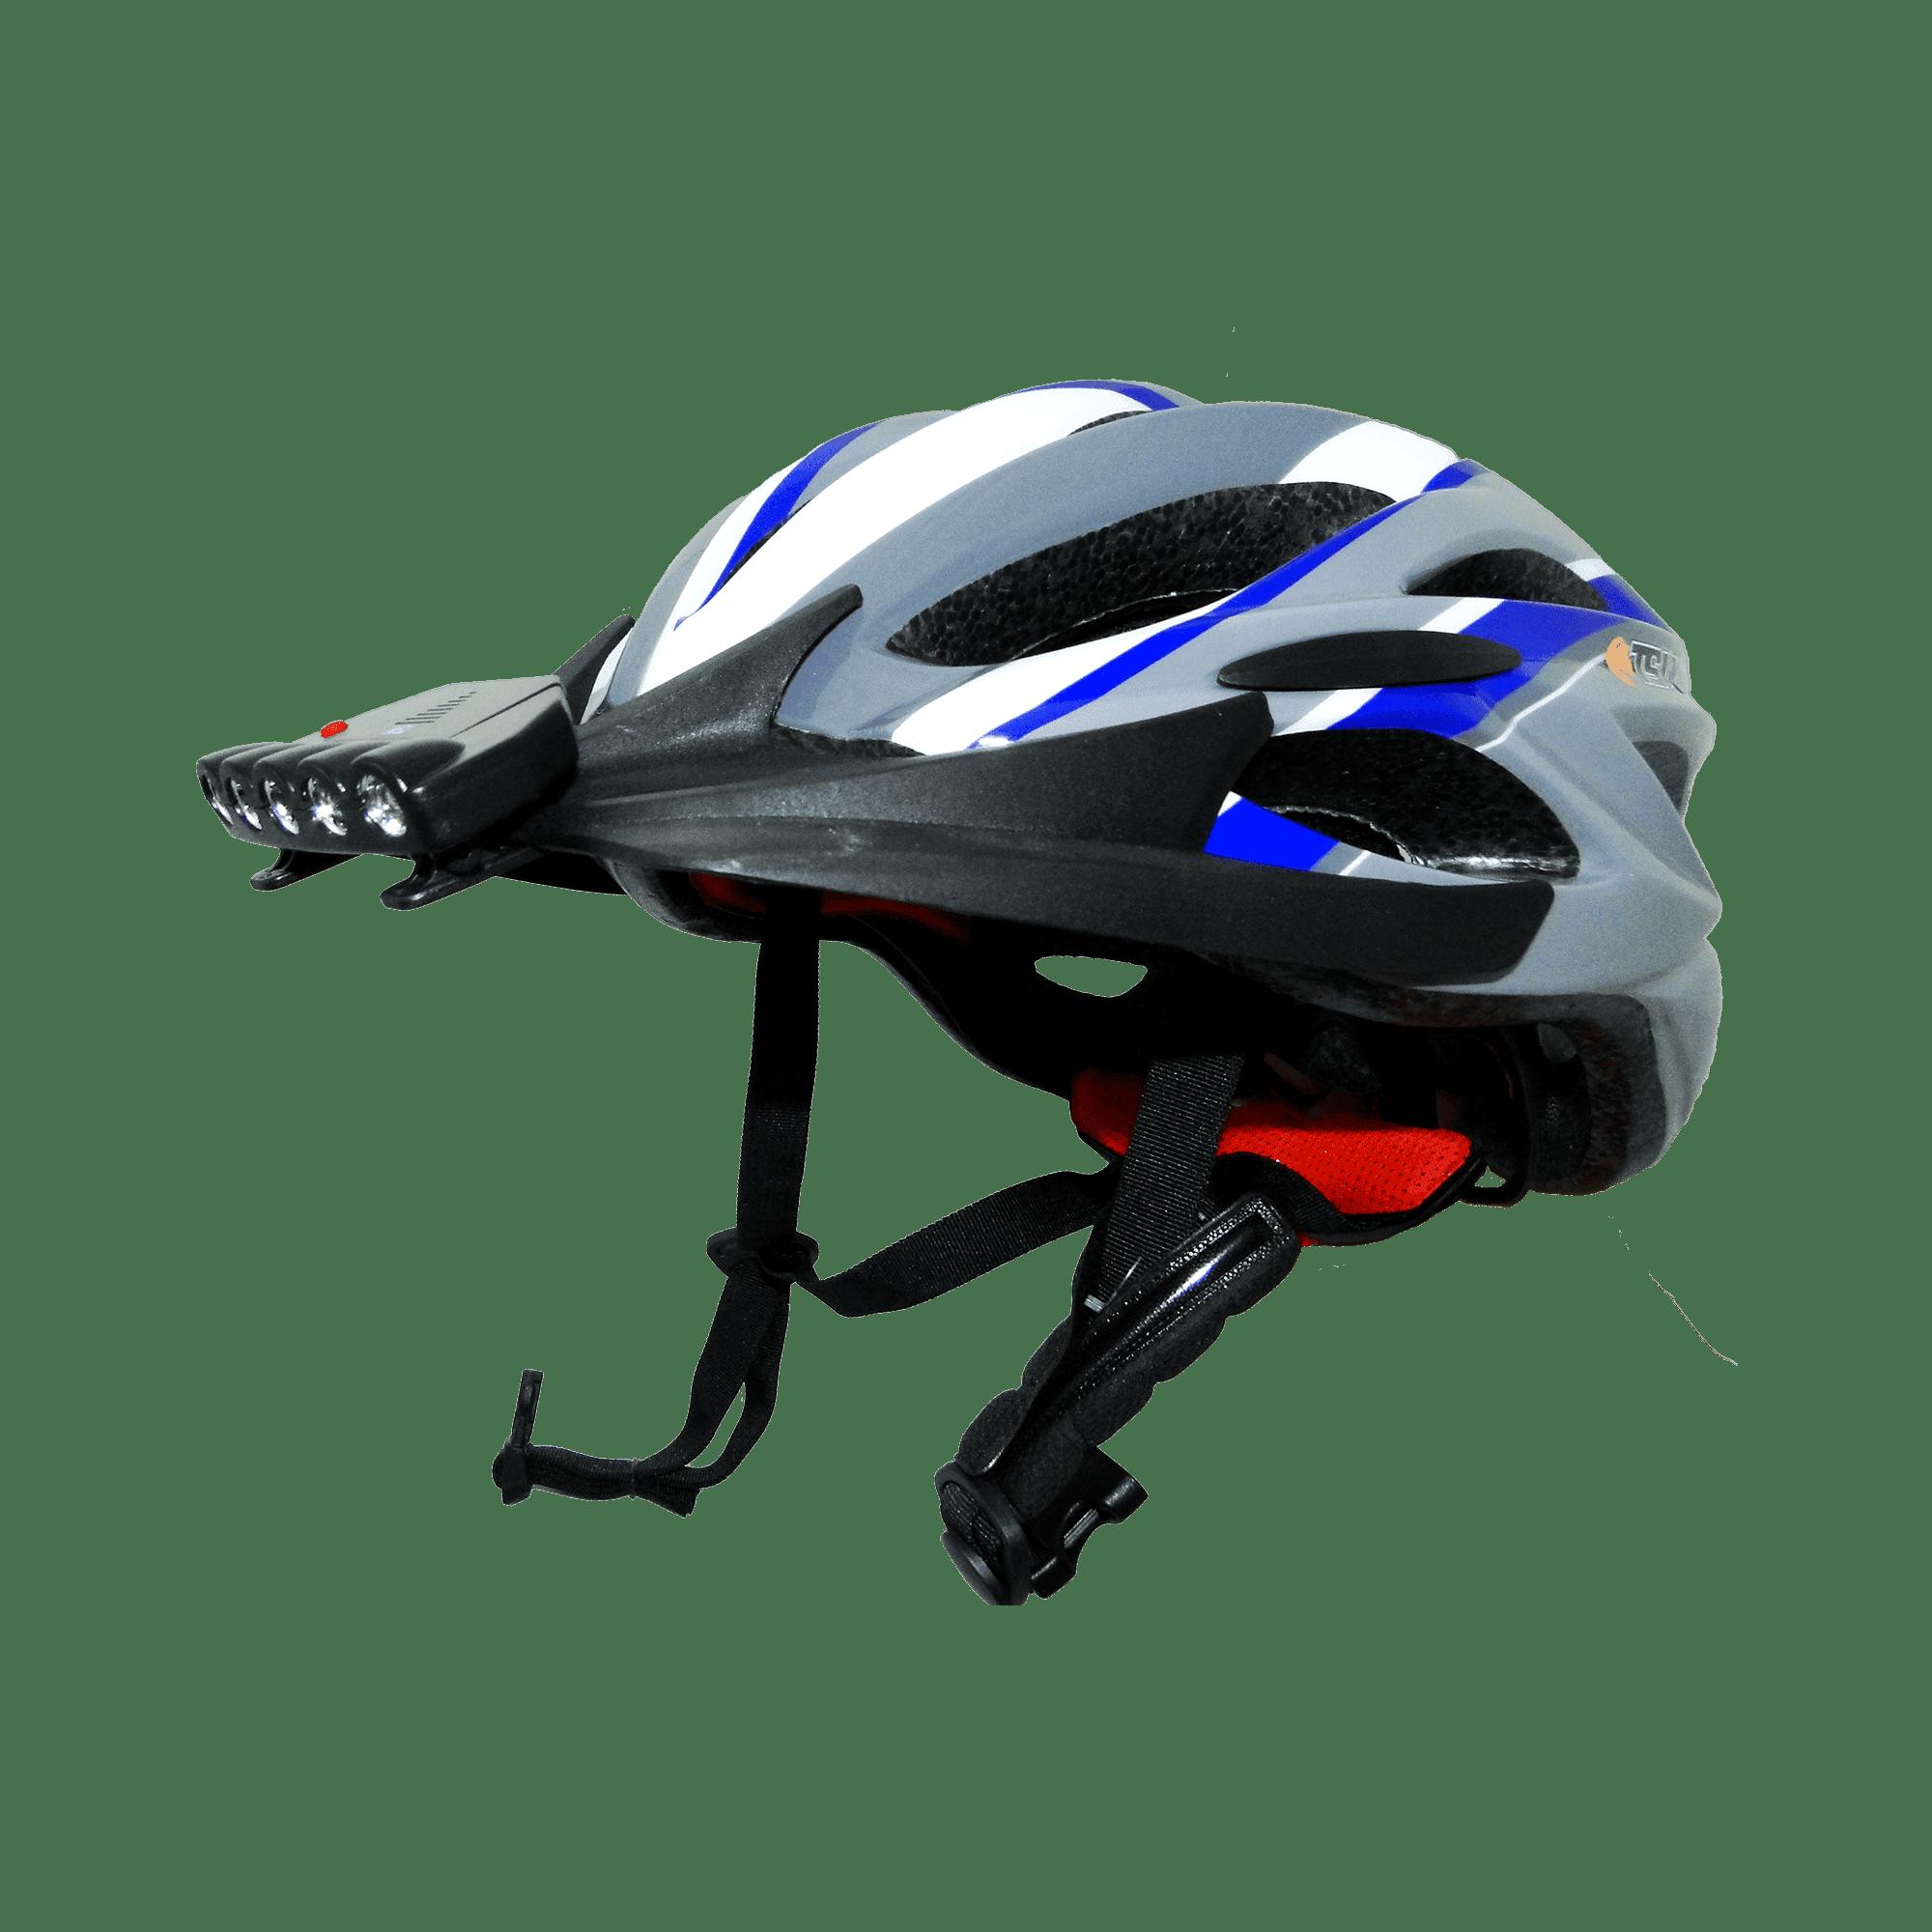 Refletor para capacete 3